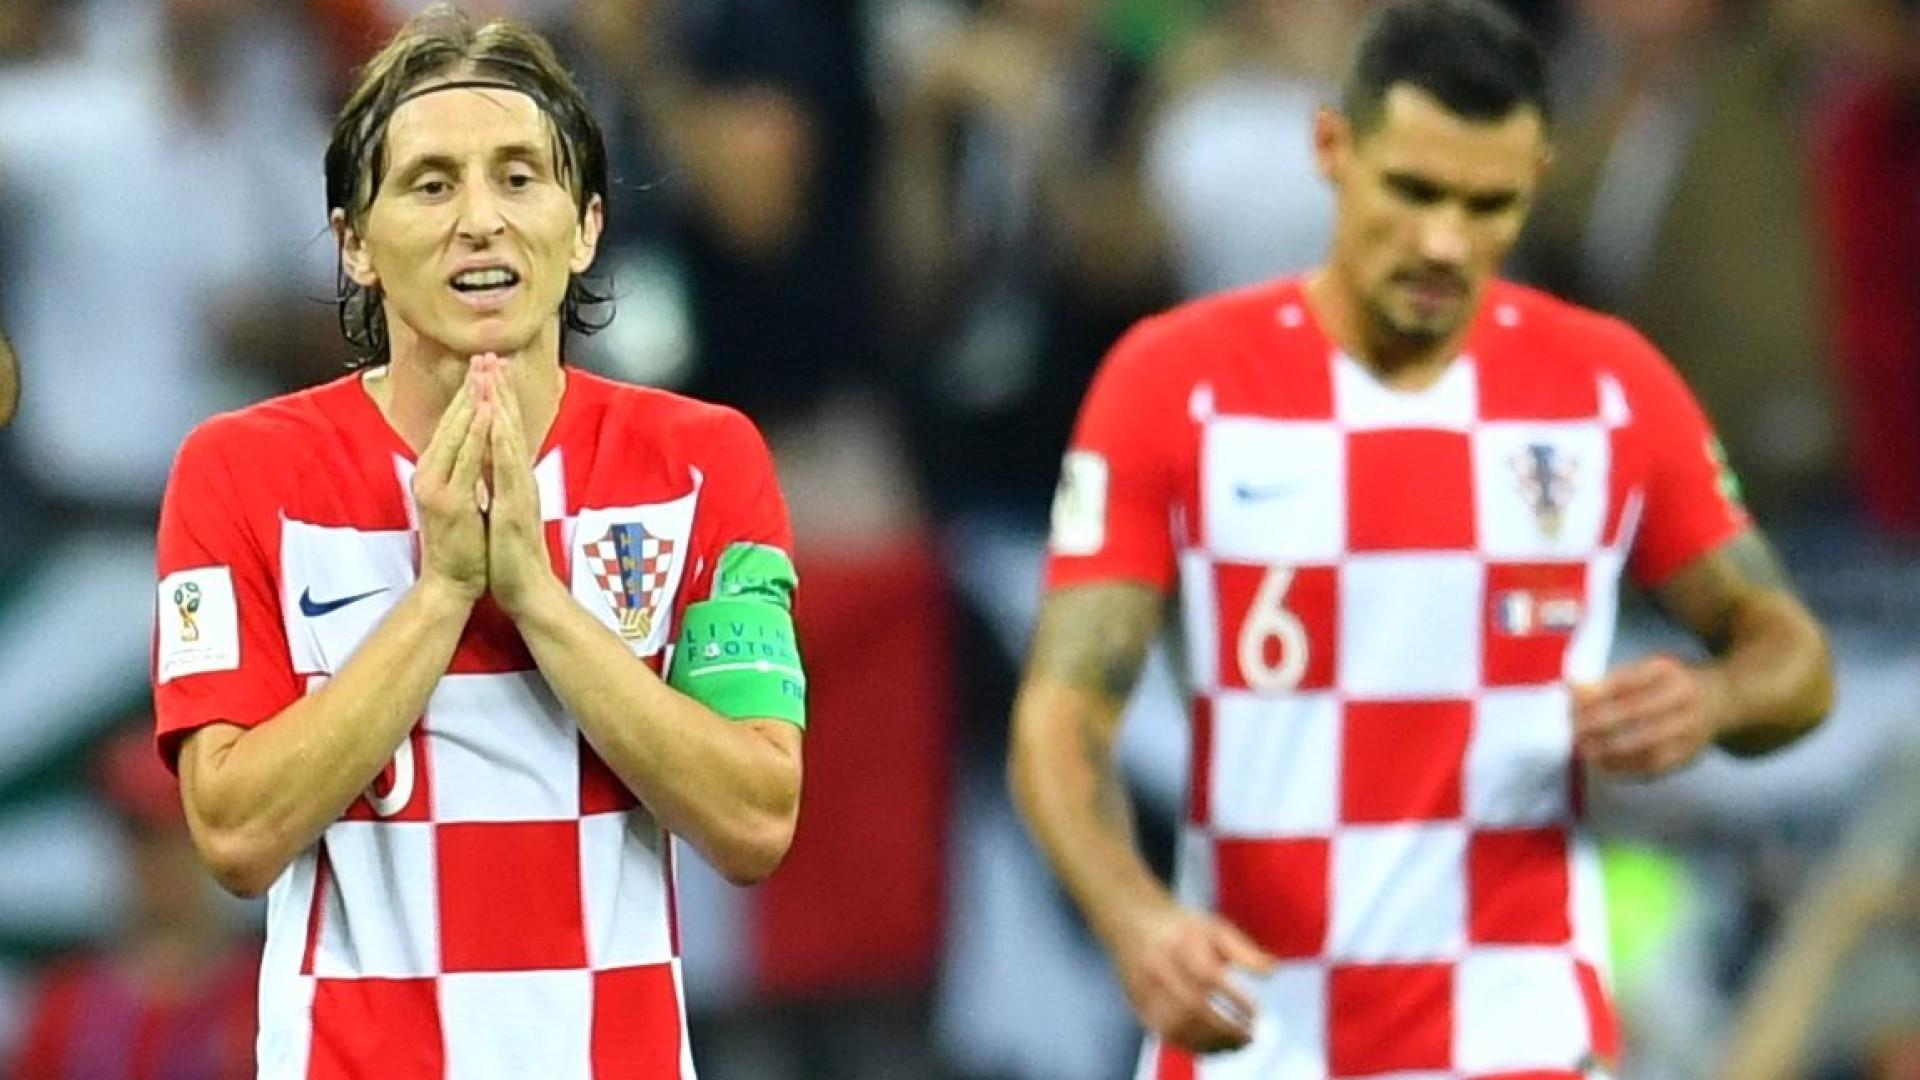 Loucura do Mundial foi grande no Peru. Bebé foi batizado como Luka Modric